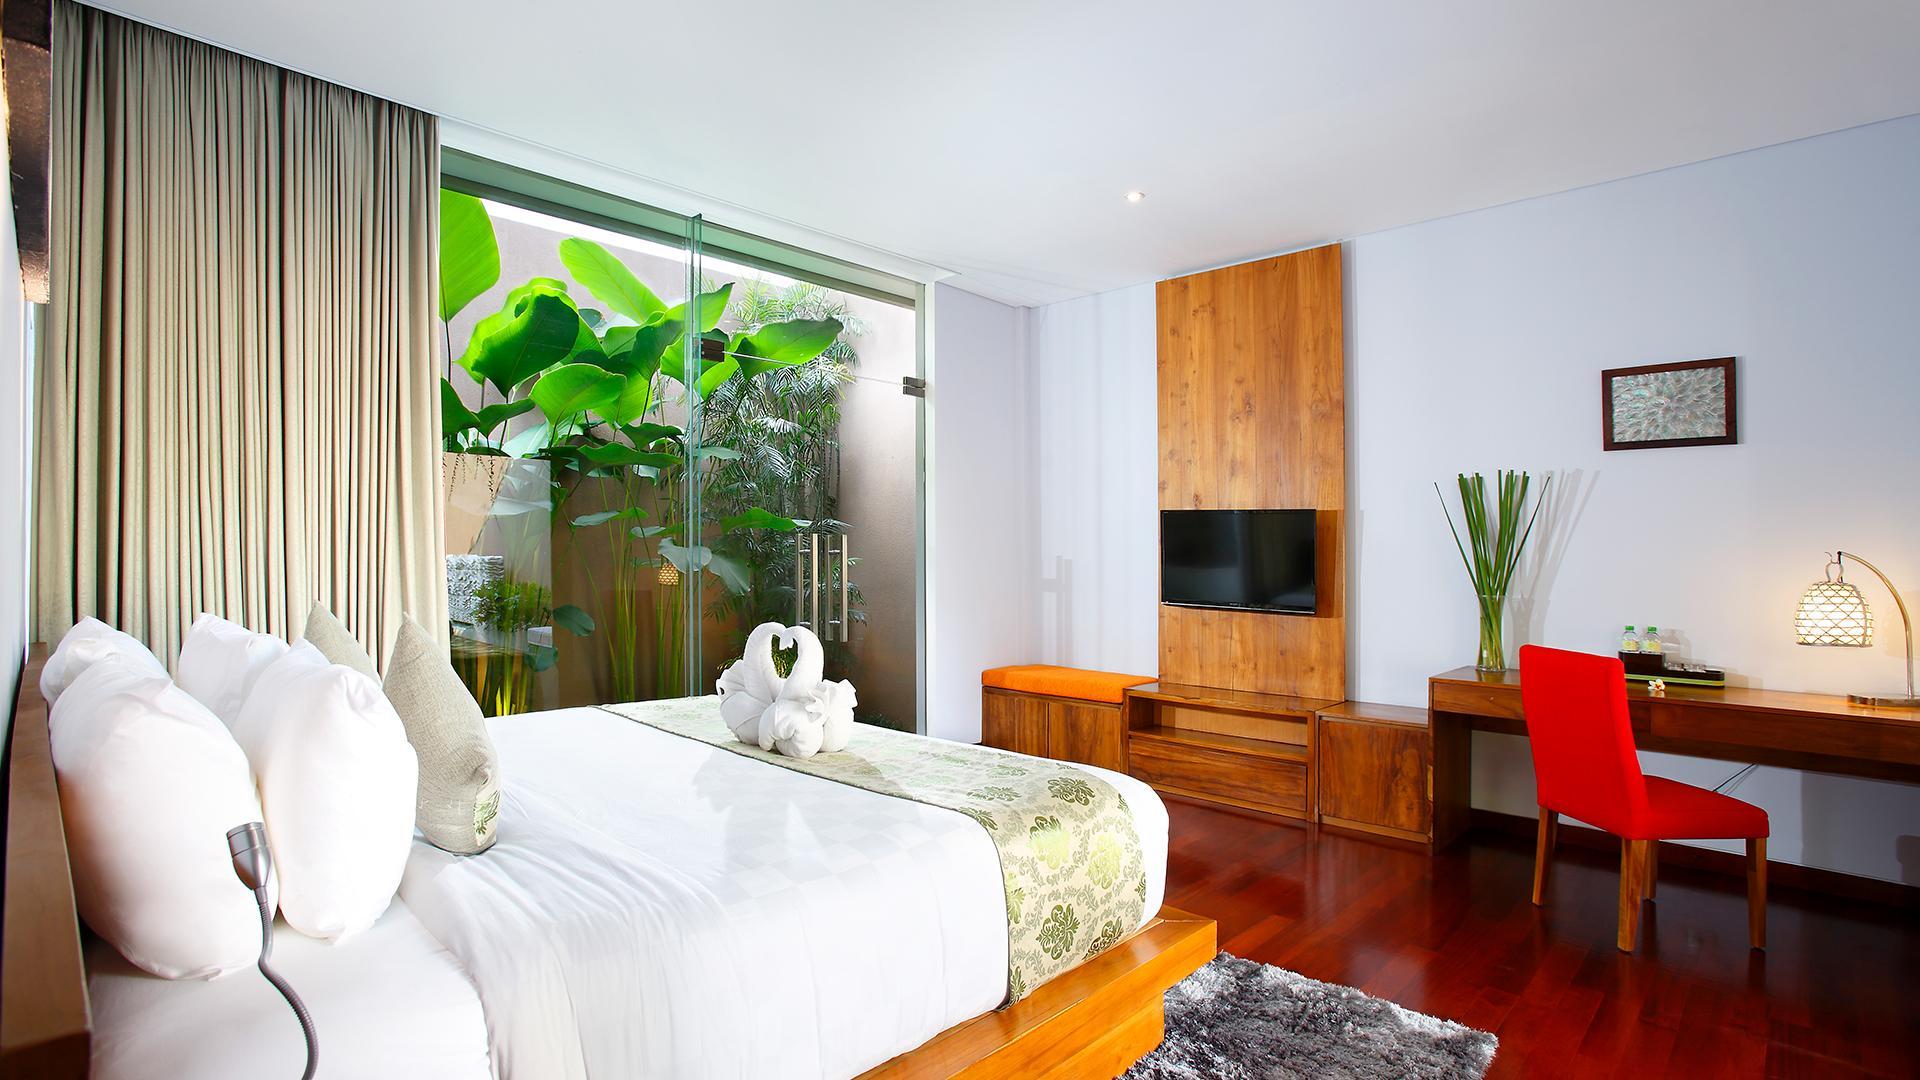 One-Bedroom Royal Pool Villa  image 1 at The Kasih Villas and Spa by Kabupaten Badung, Bali, Indonesia